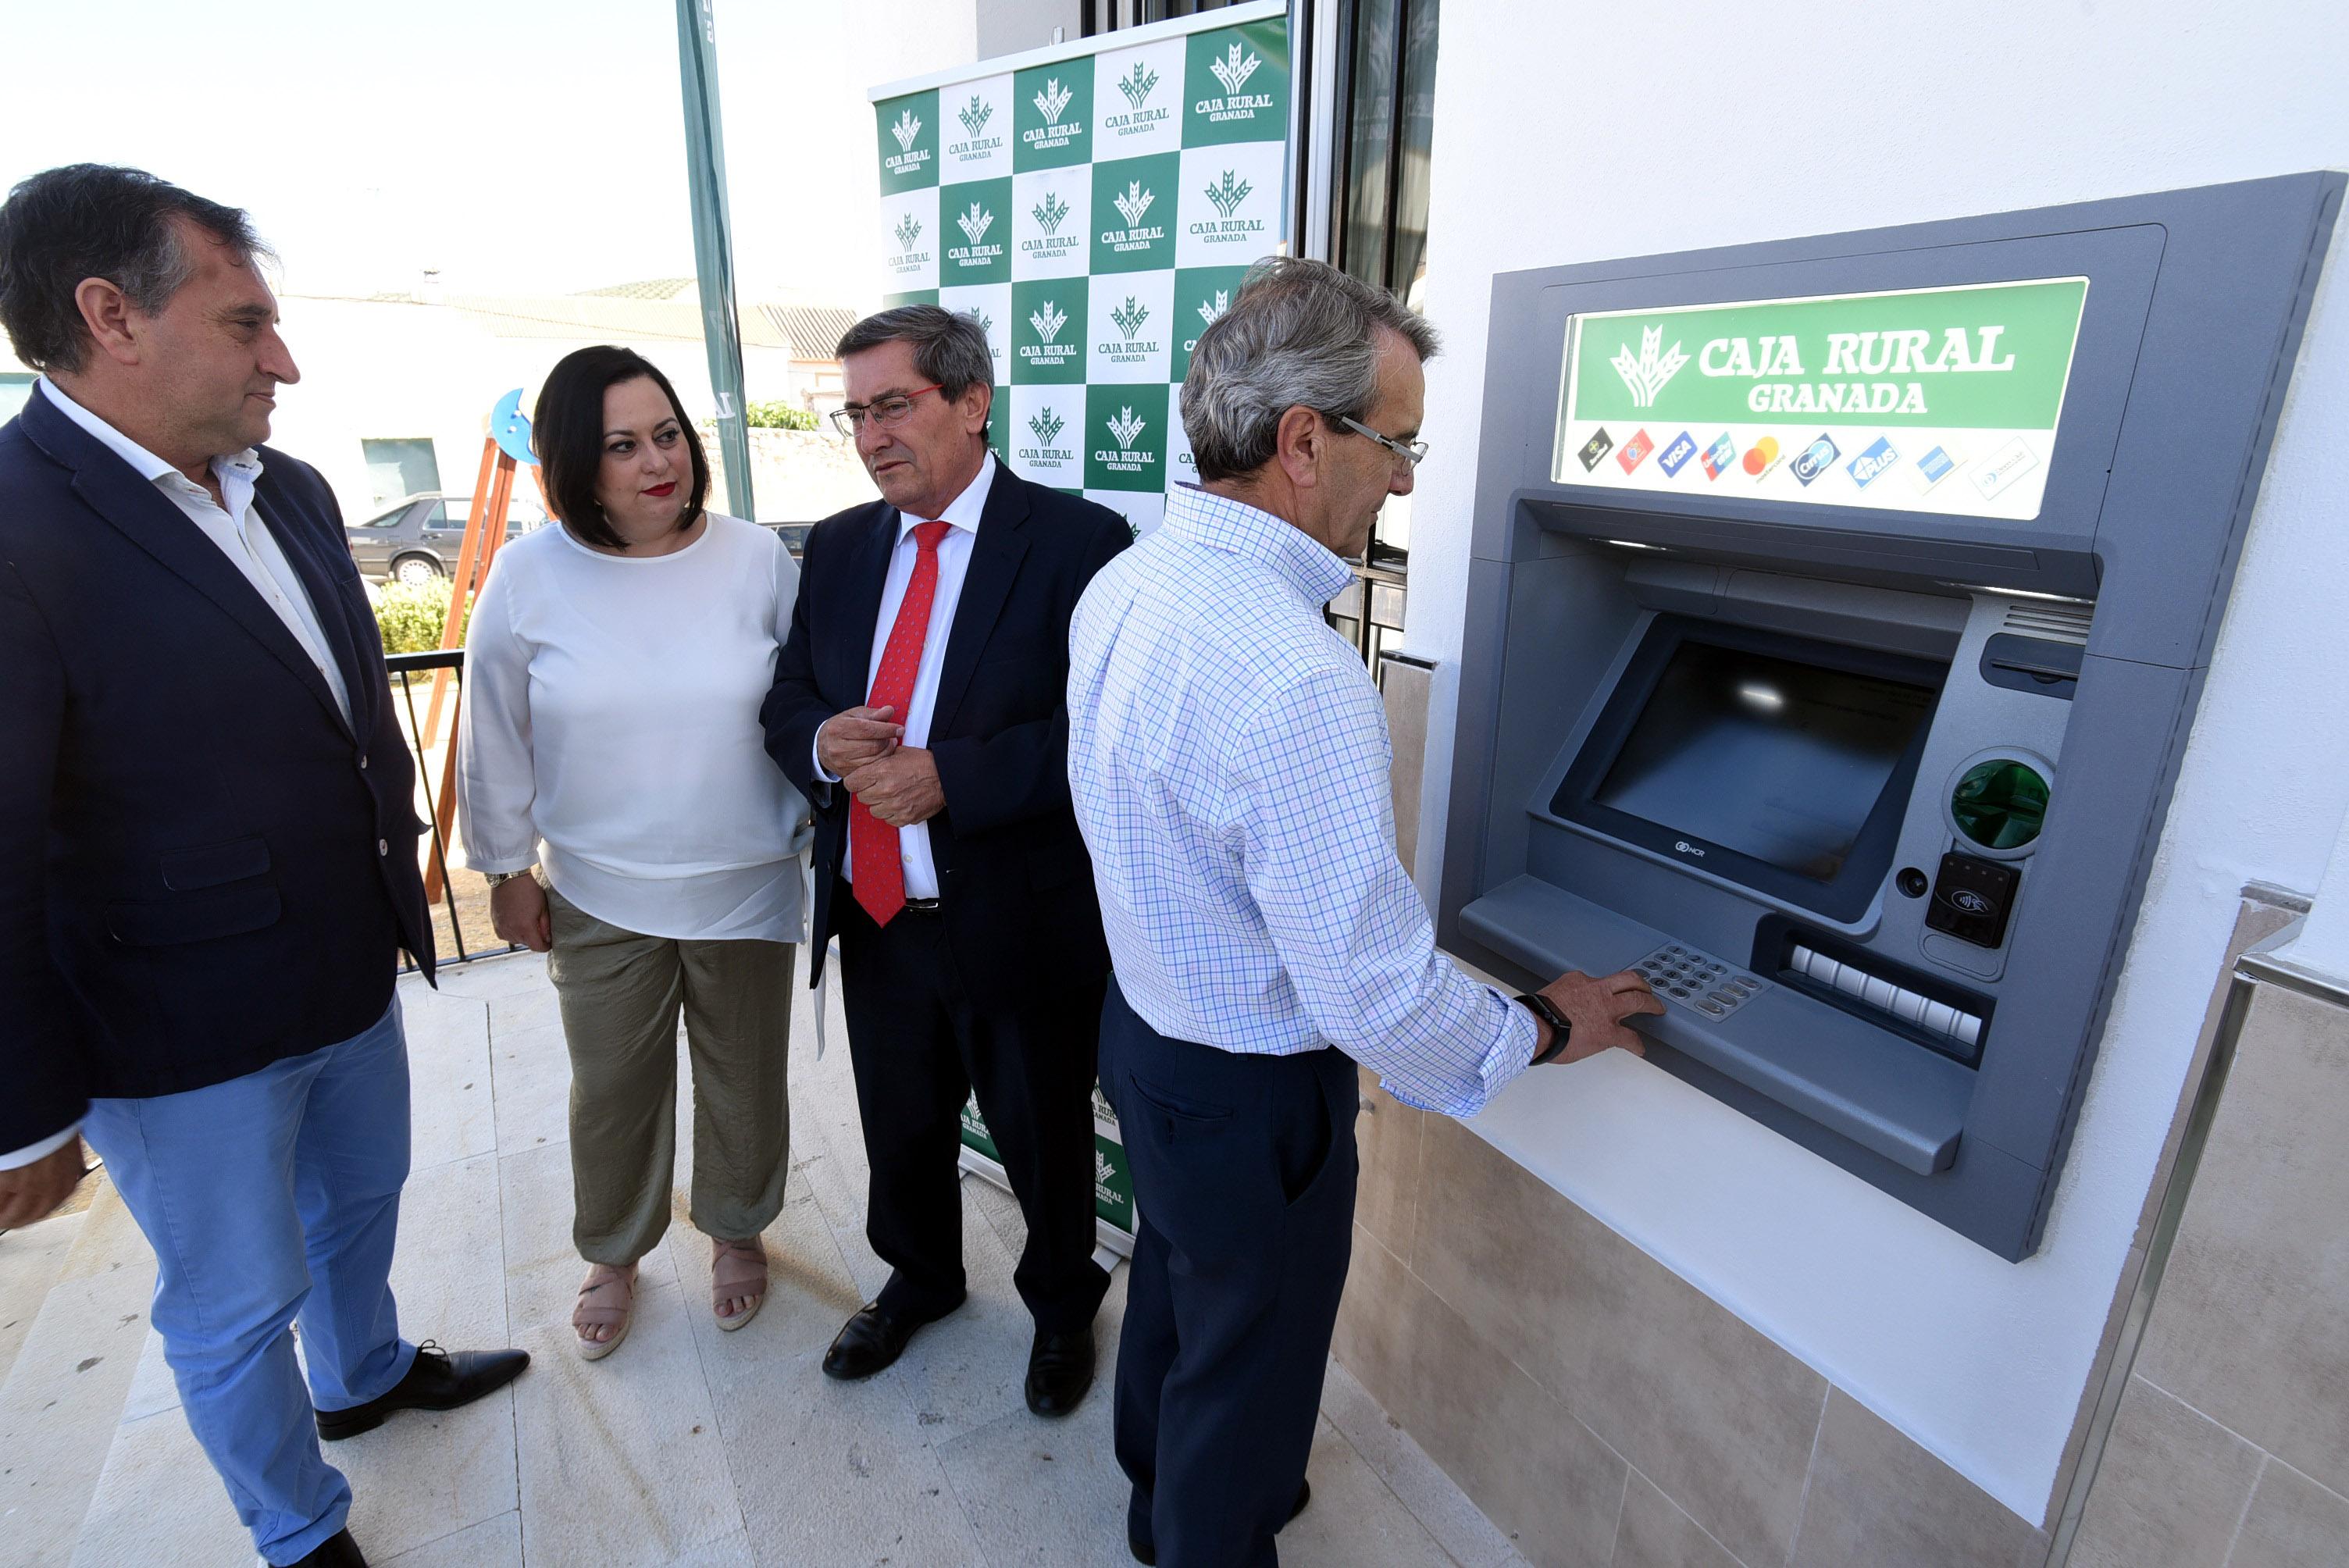 Diputación y Caja Rural instalan cajeros en 12 municipios que no disponían de servicios bancarios